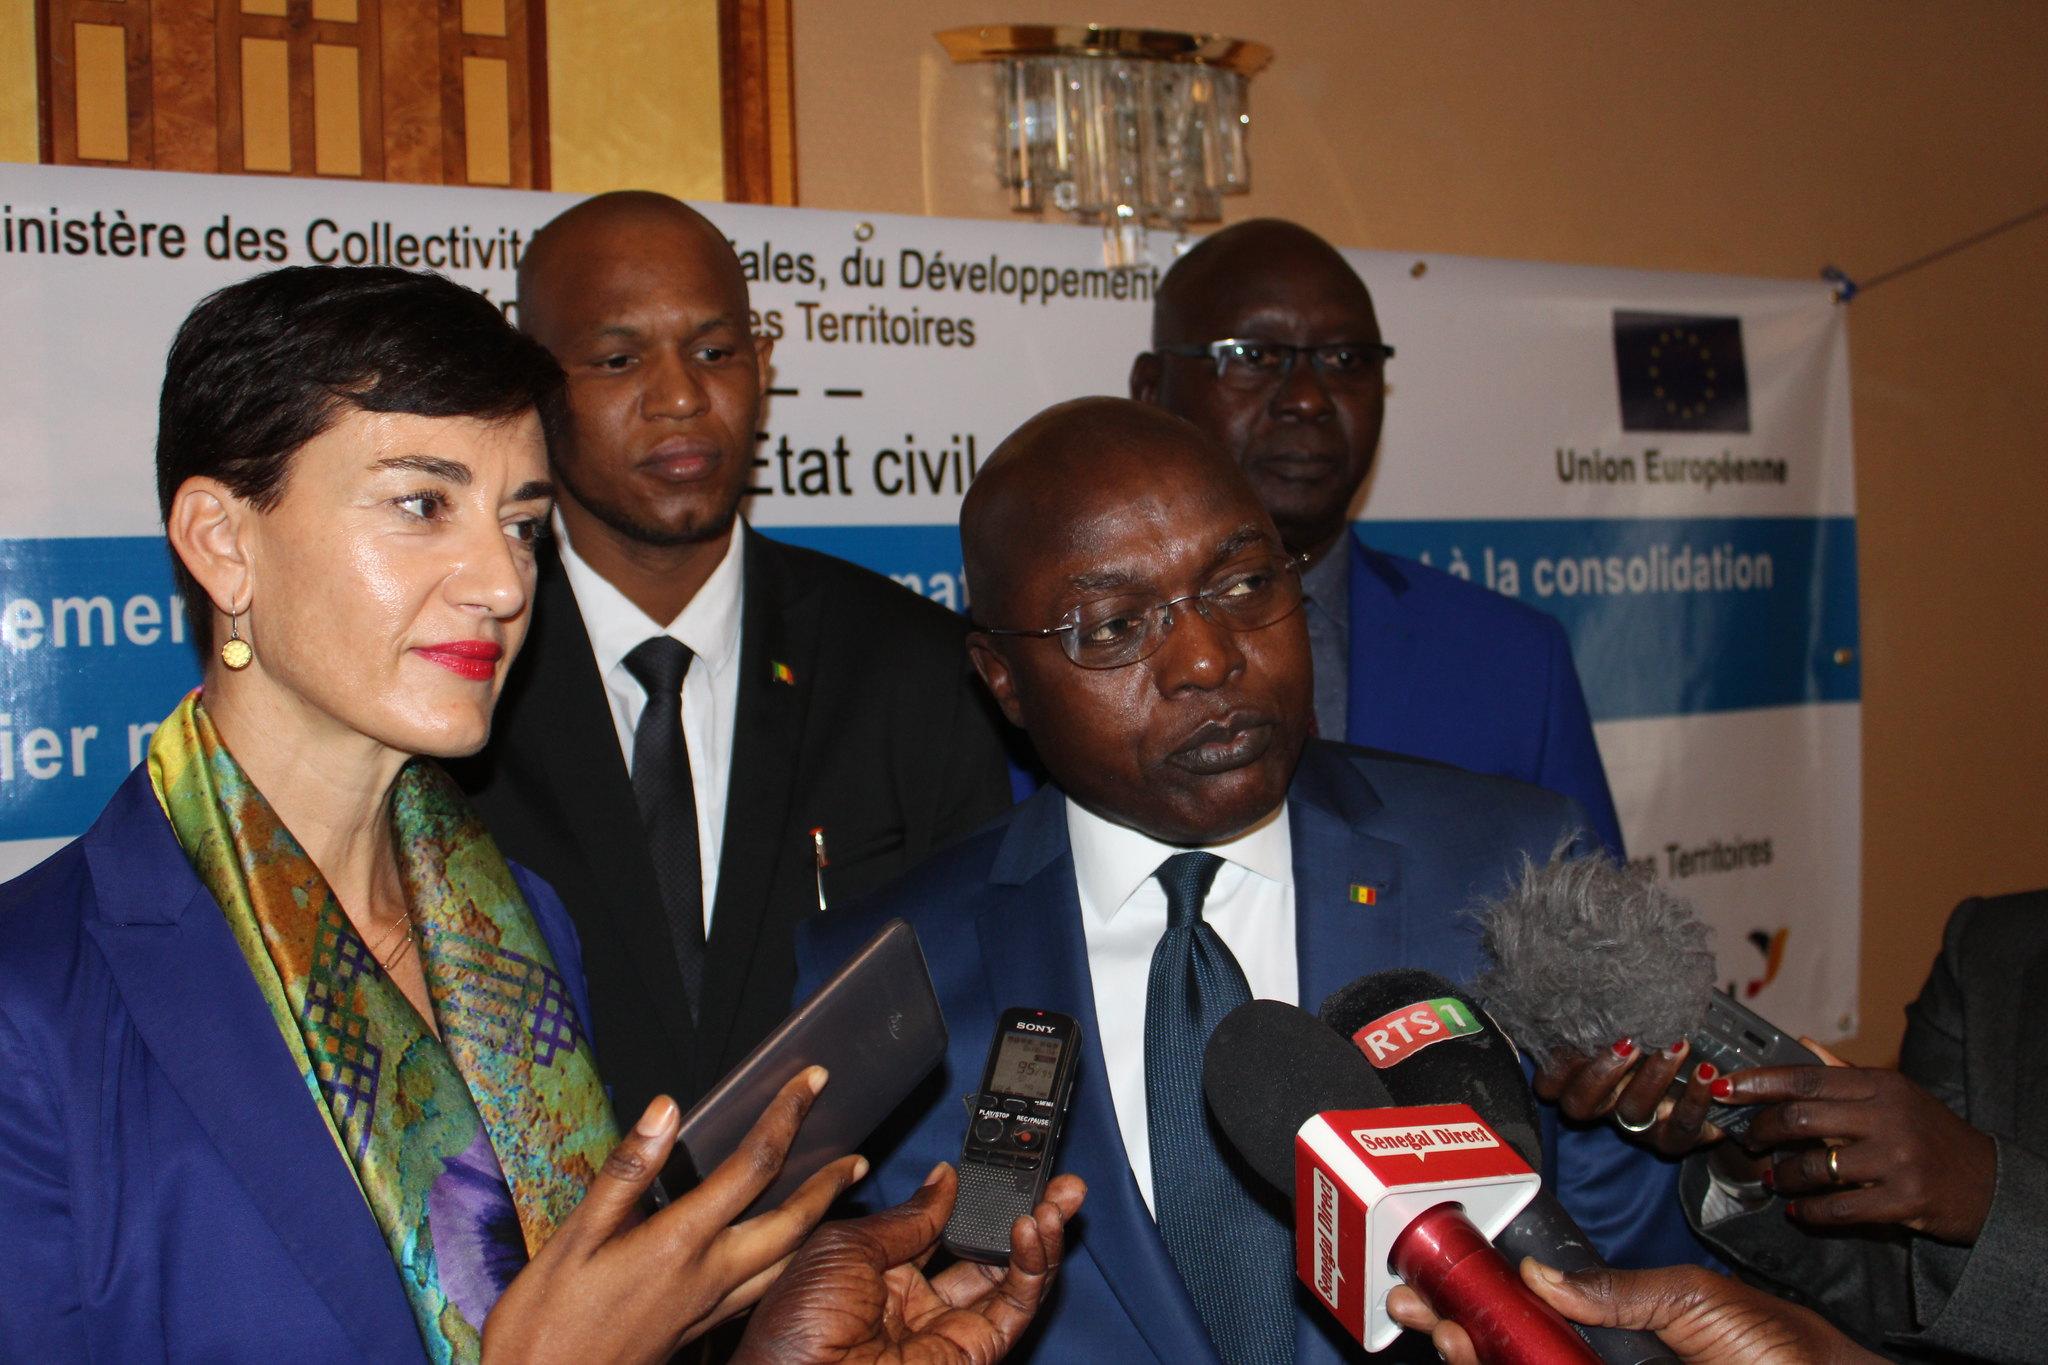 Programme Direction Etat Civil, Modernisation de l'Etat Civil au Sénégal, Aliou Ousmane Sall Directeur de l'Etat Civil Sénégal (2)